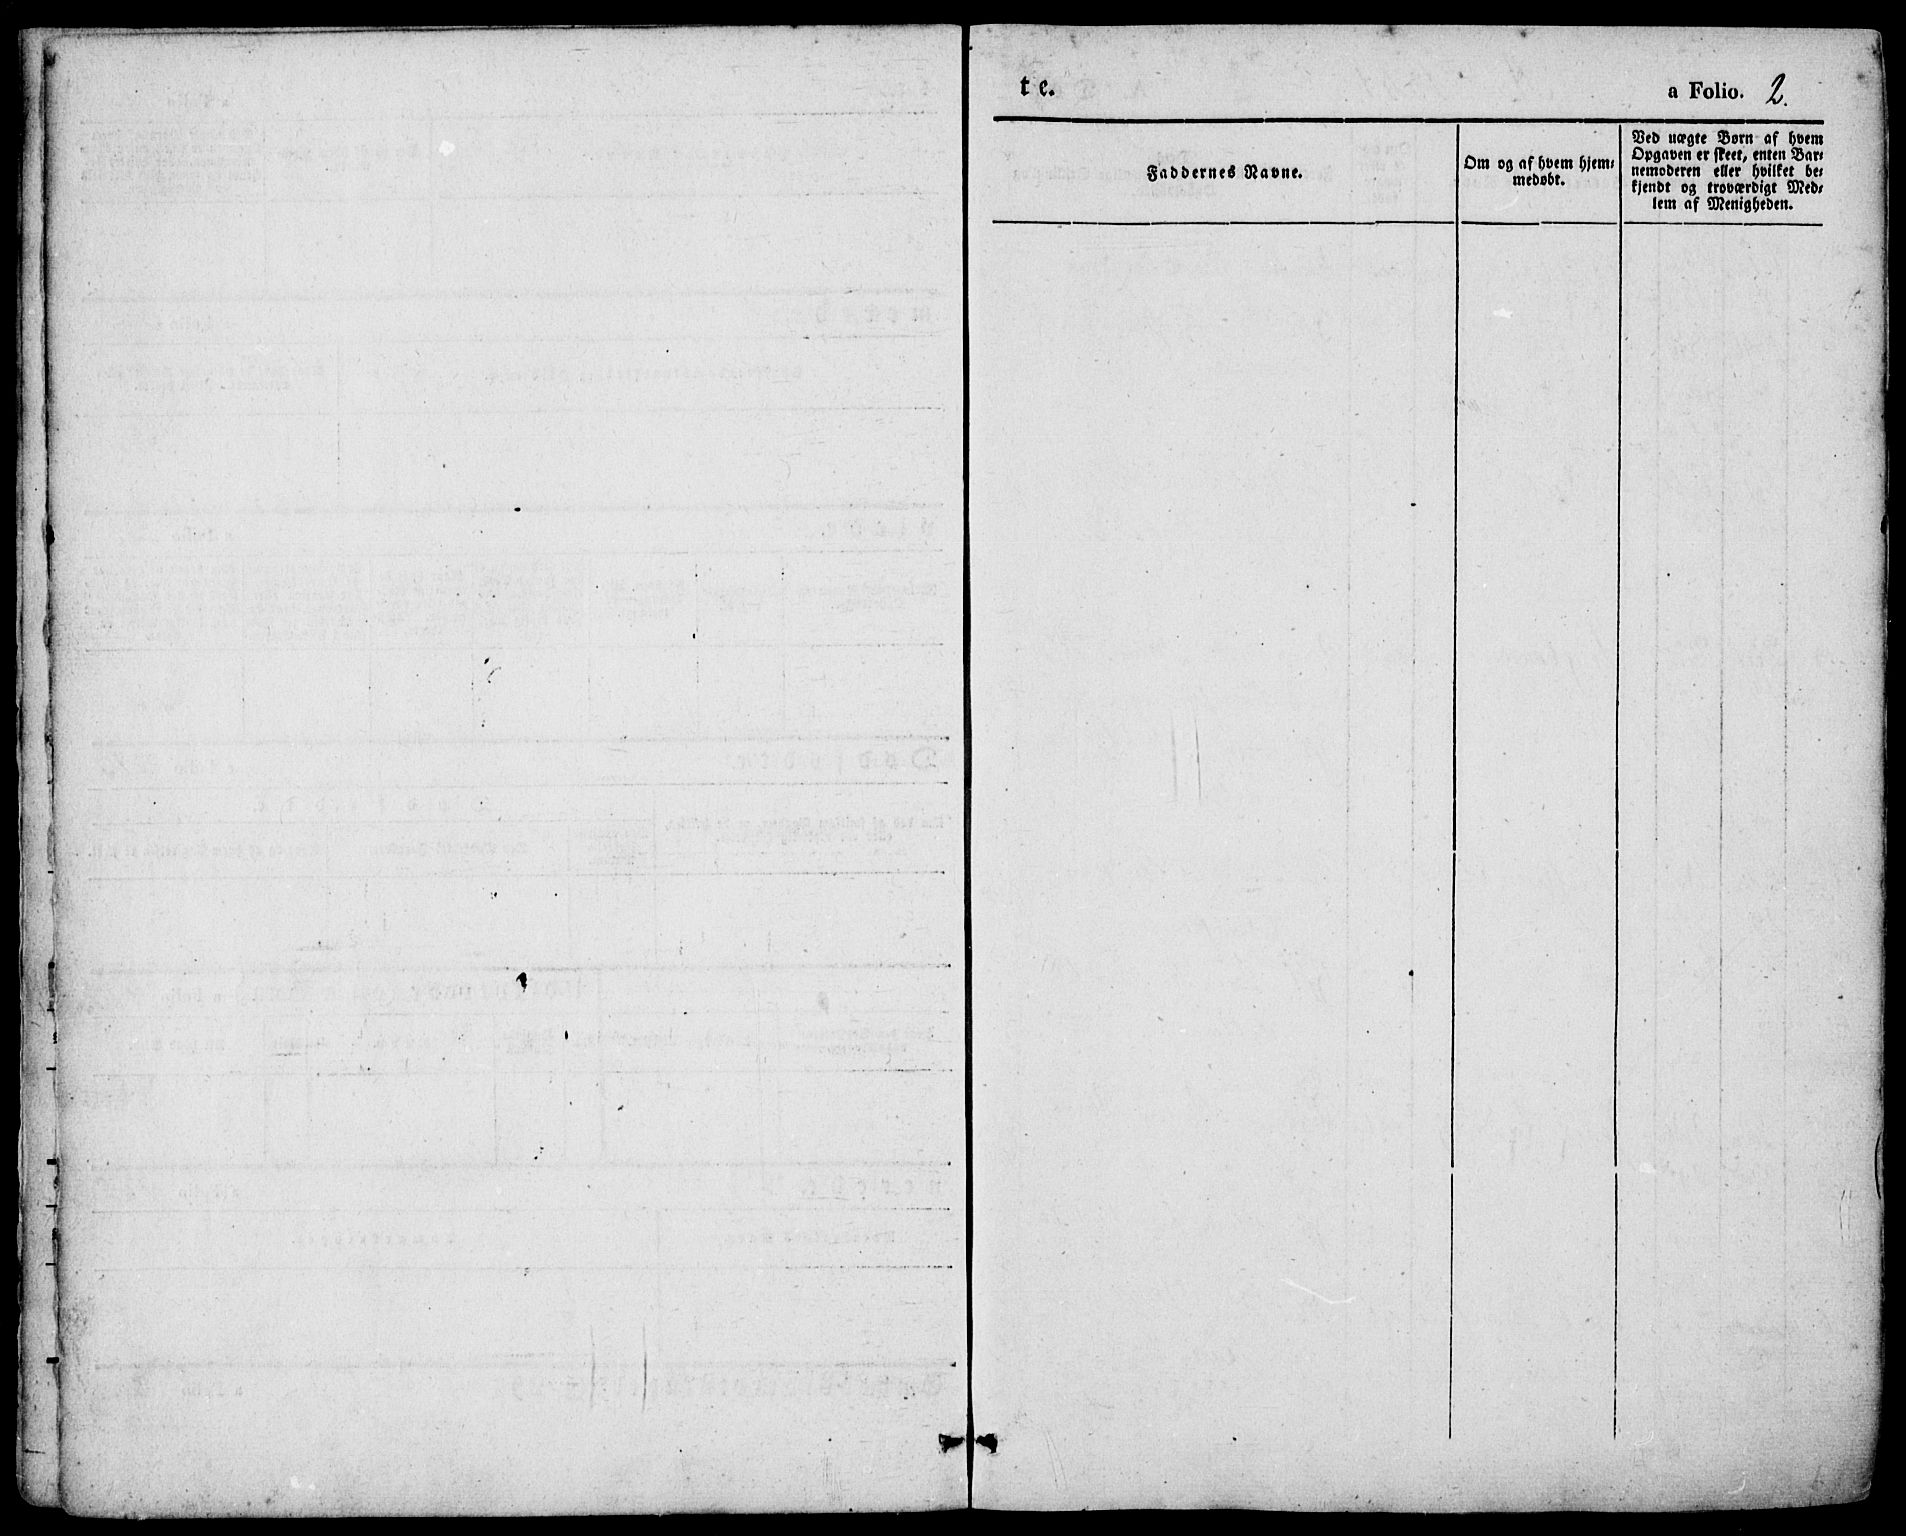 SAKO, Porsgrunn kirkebøker , F/Fa/L0006: Ministerialbok nr. 6, 1841-1857, s. 2